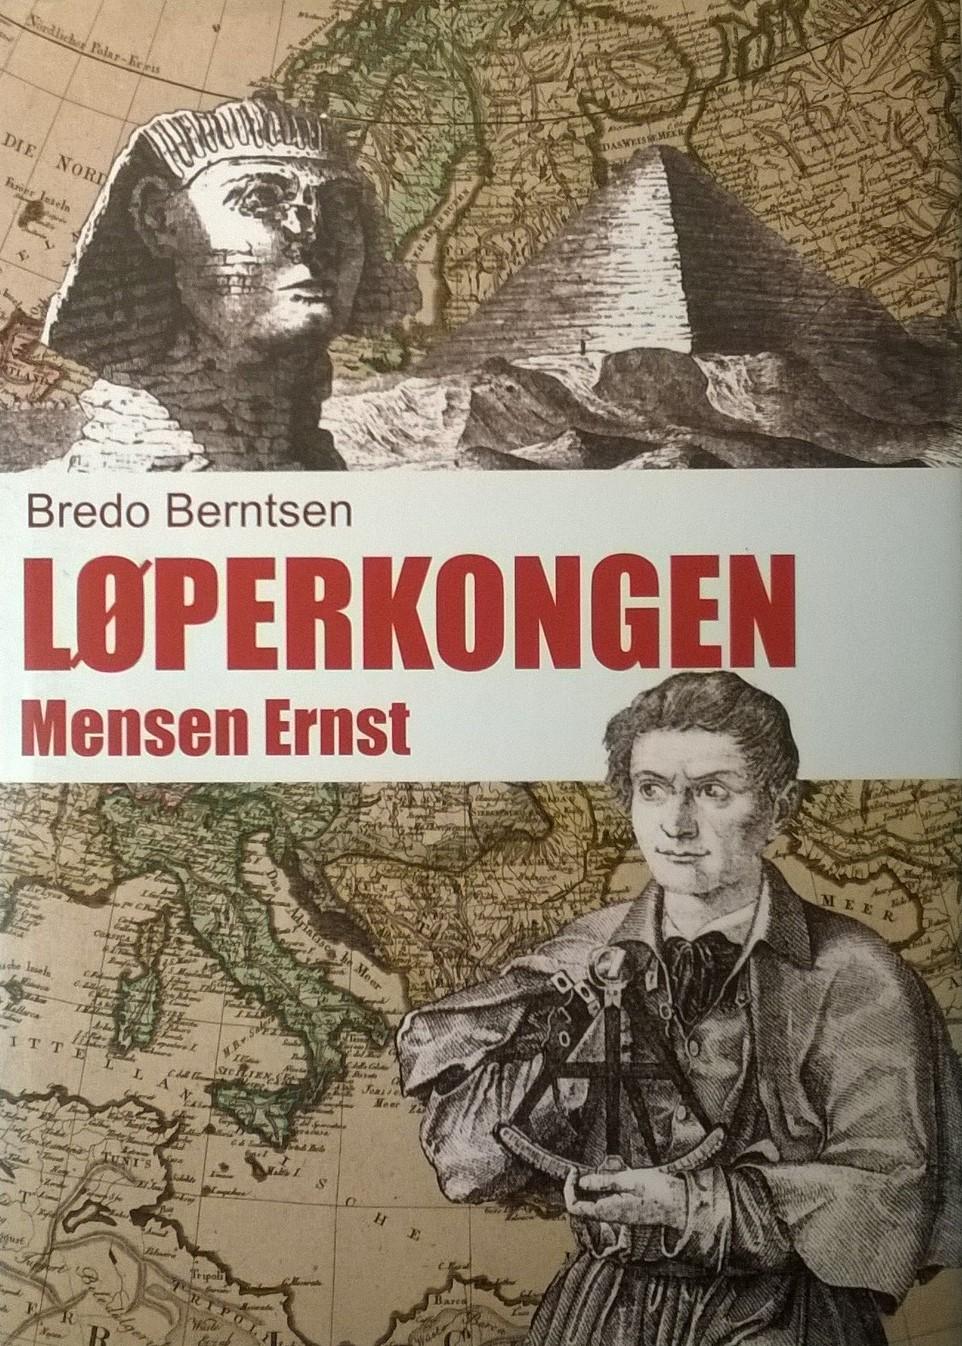 Berntsen, Bredo Løperkongen Mensen Ernst